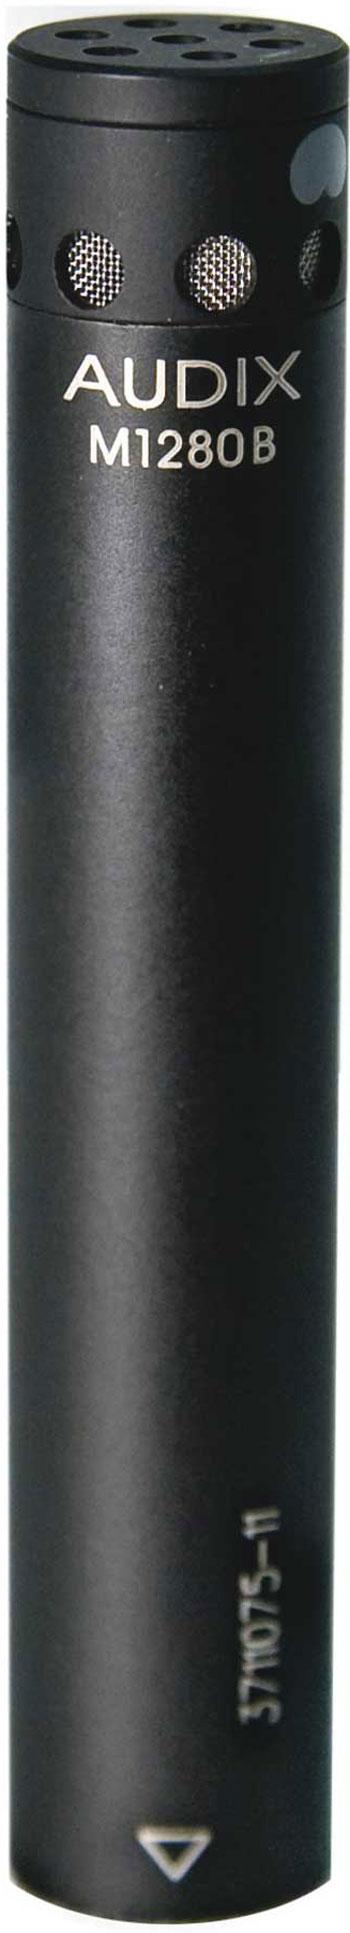 Audix Mikros-miniaturní mikrofony